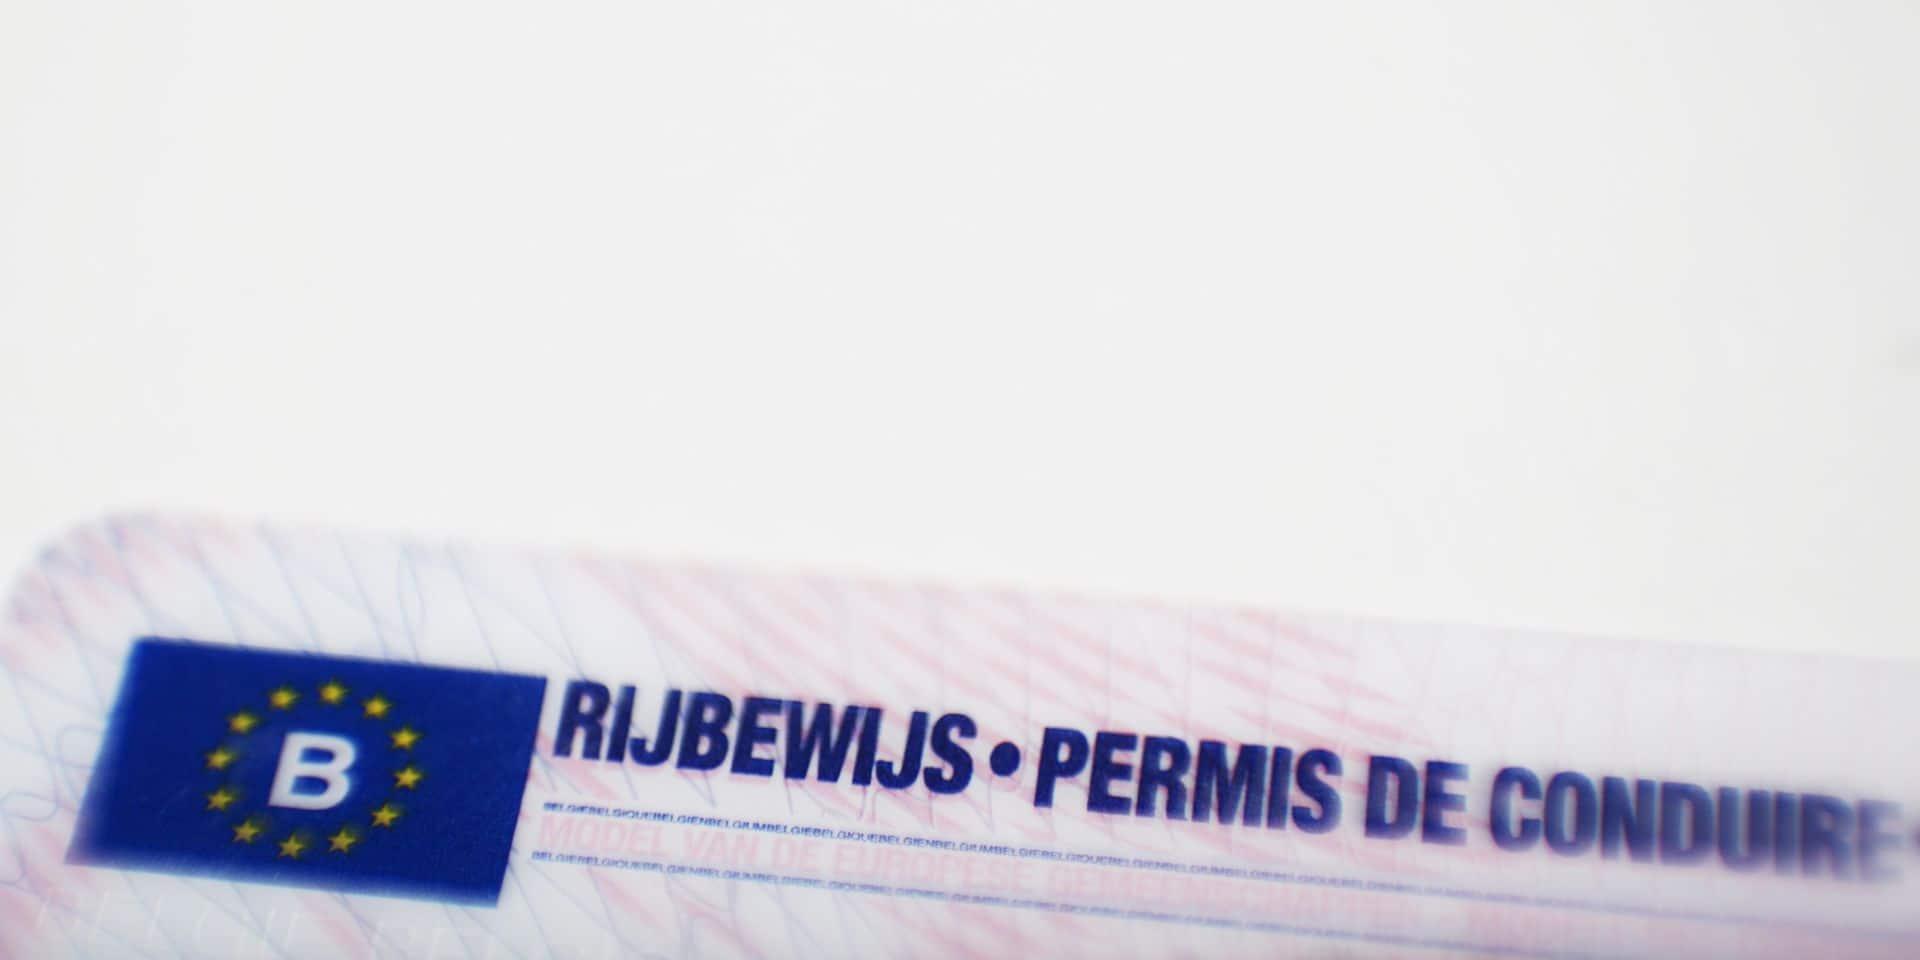 Les permis de conduire provisoires sont prolongés jusqu'au 30 septembre